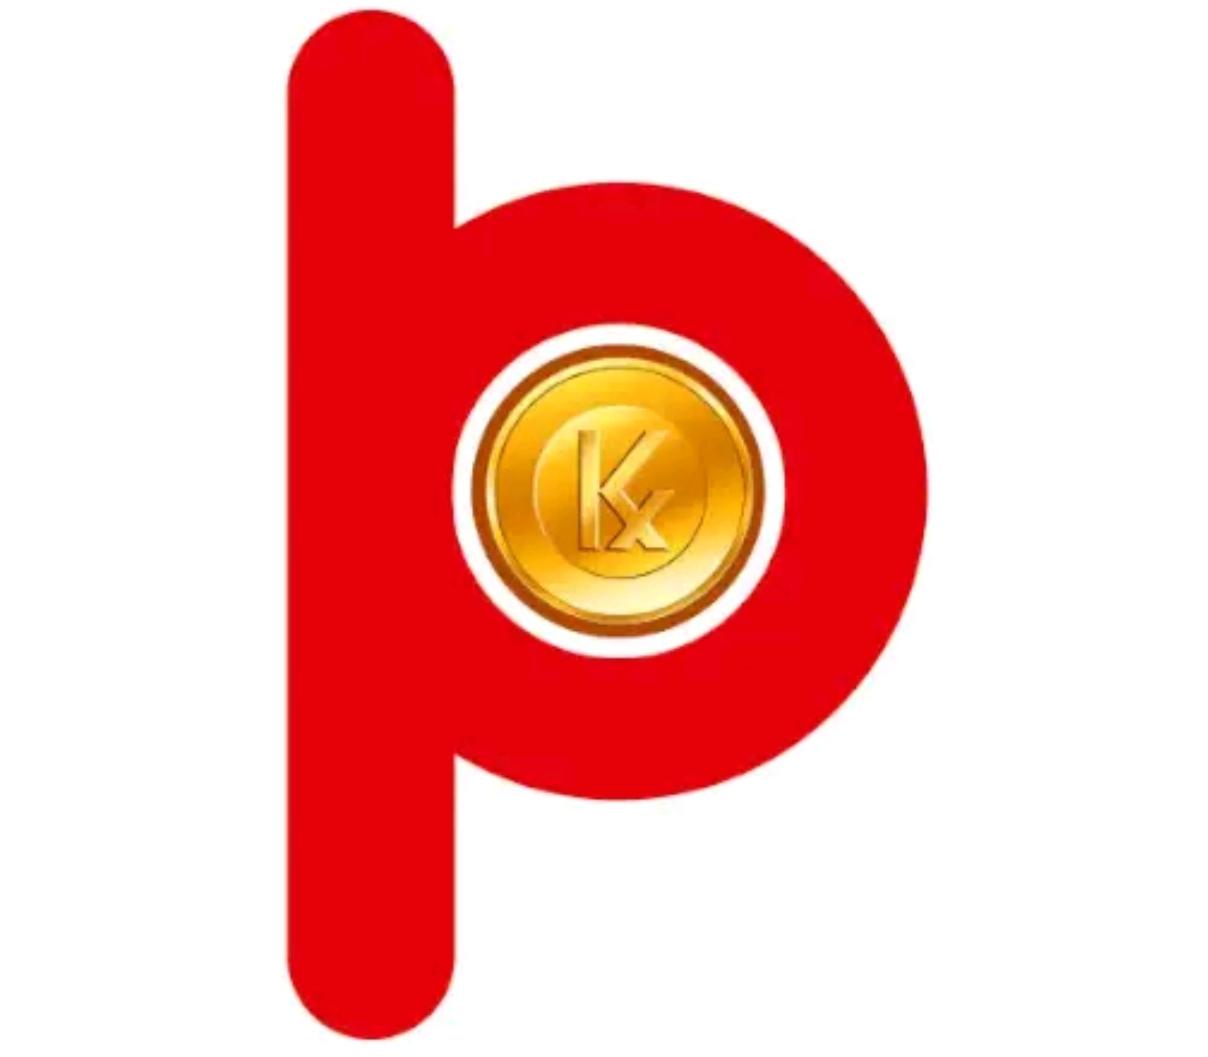 Little Pesa Loan App